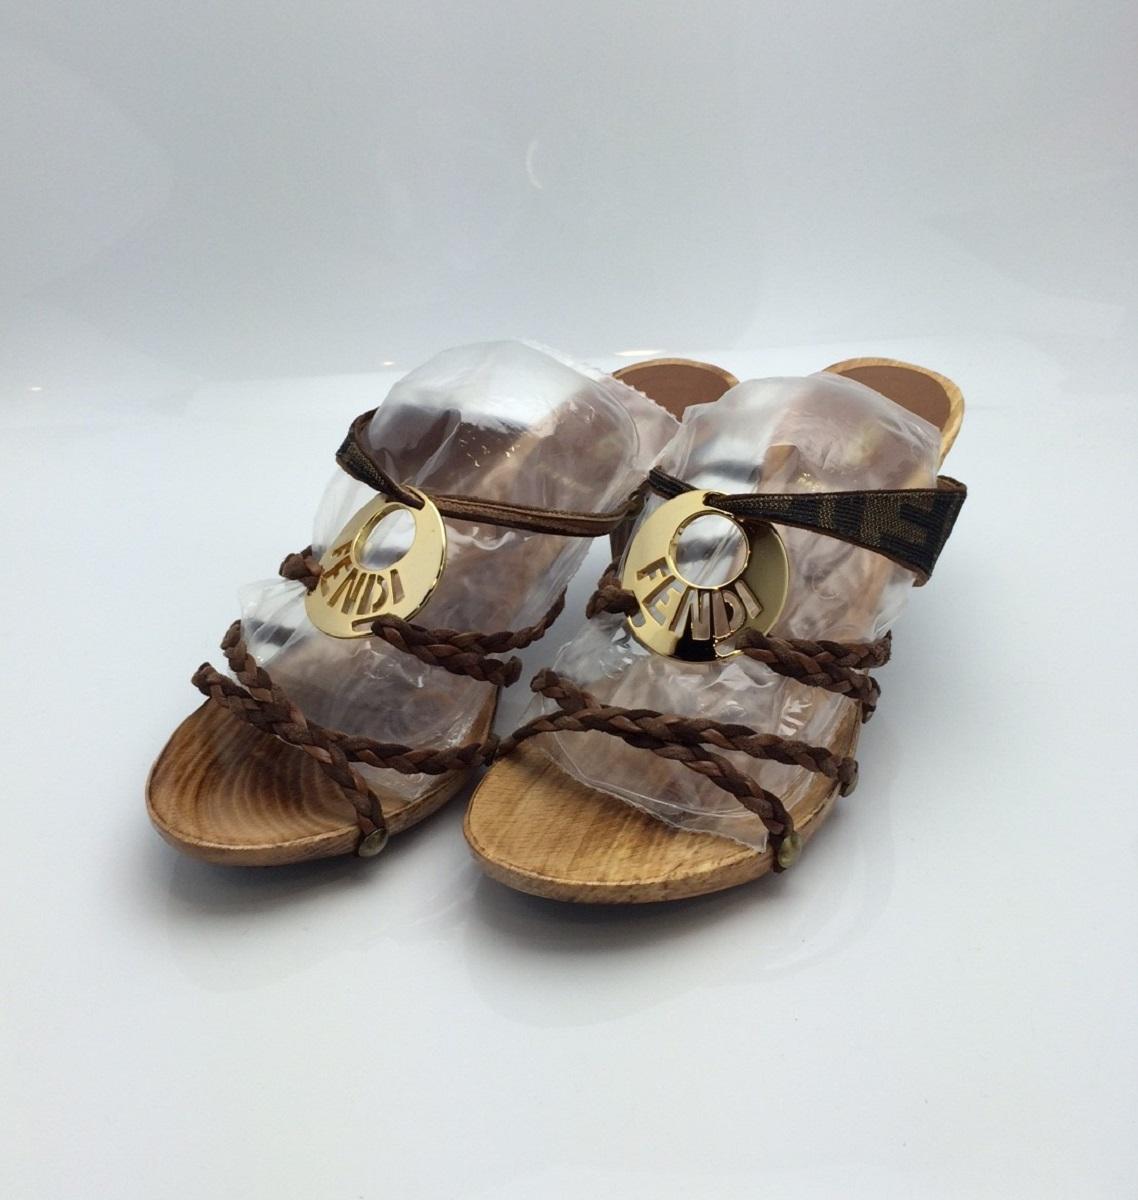 フェンディ FENDI ミュール サンダル サイズ36(日本サイズ約23cm) ブラウン系 ウッド レザー 靴 【トレジャースポット】【中古】